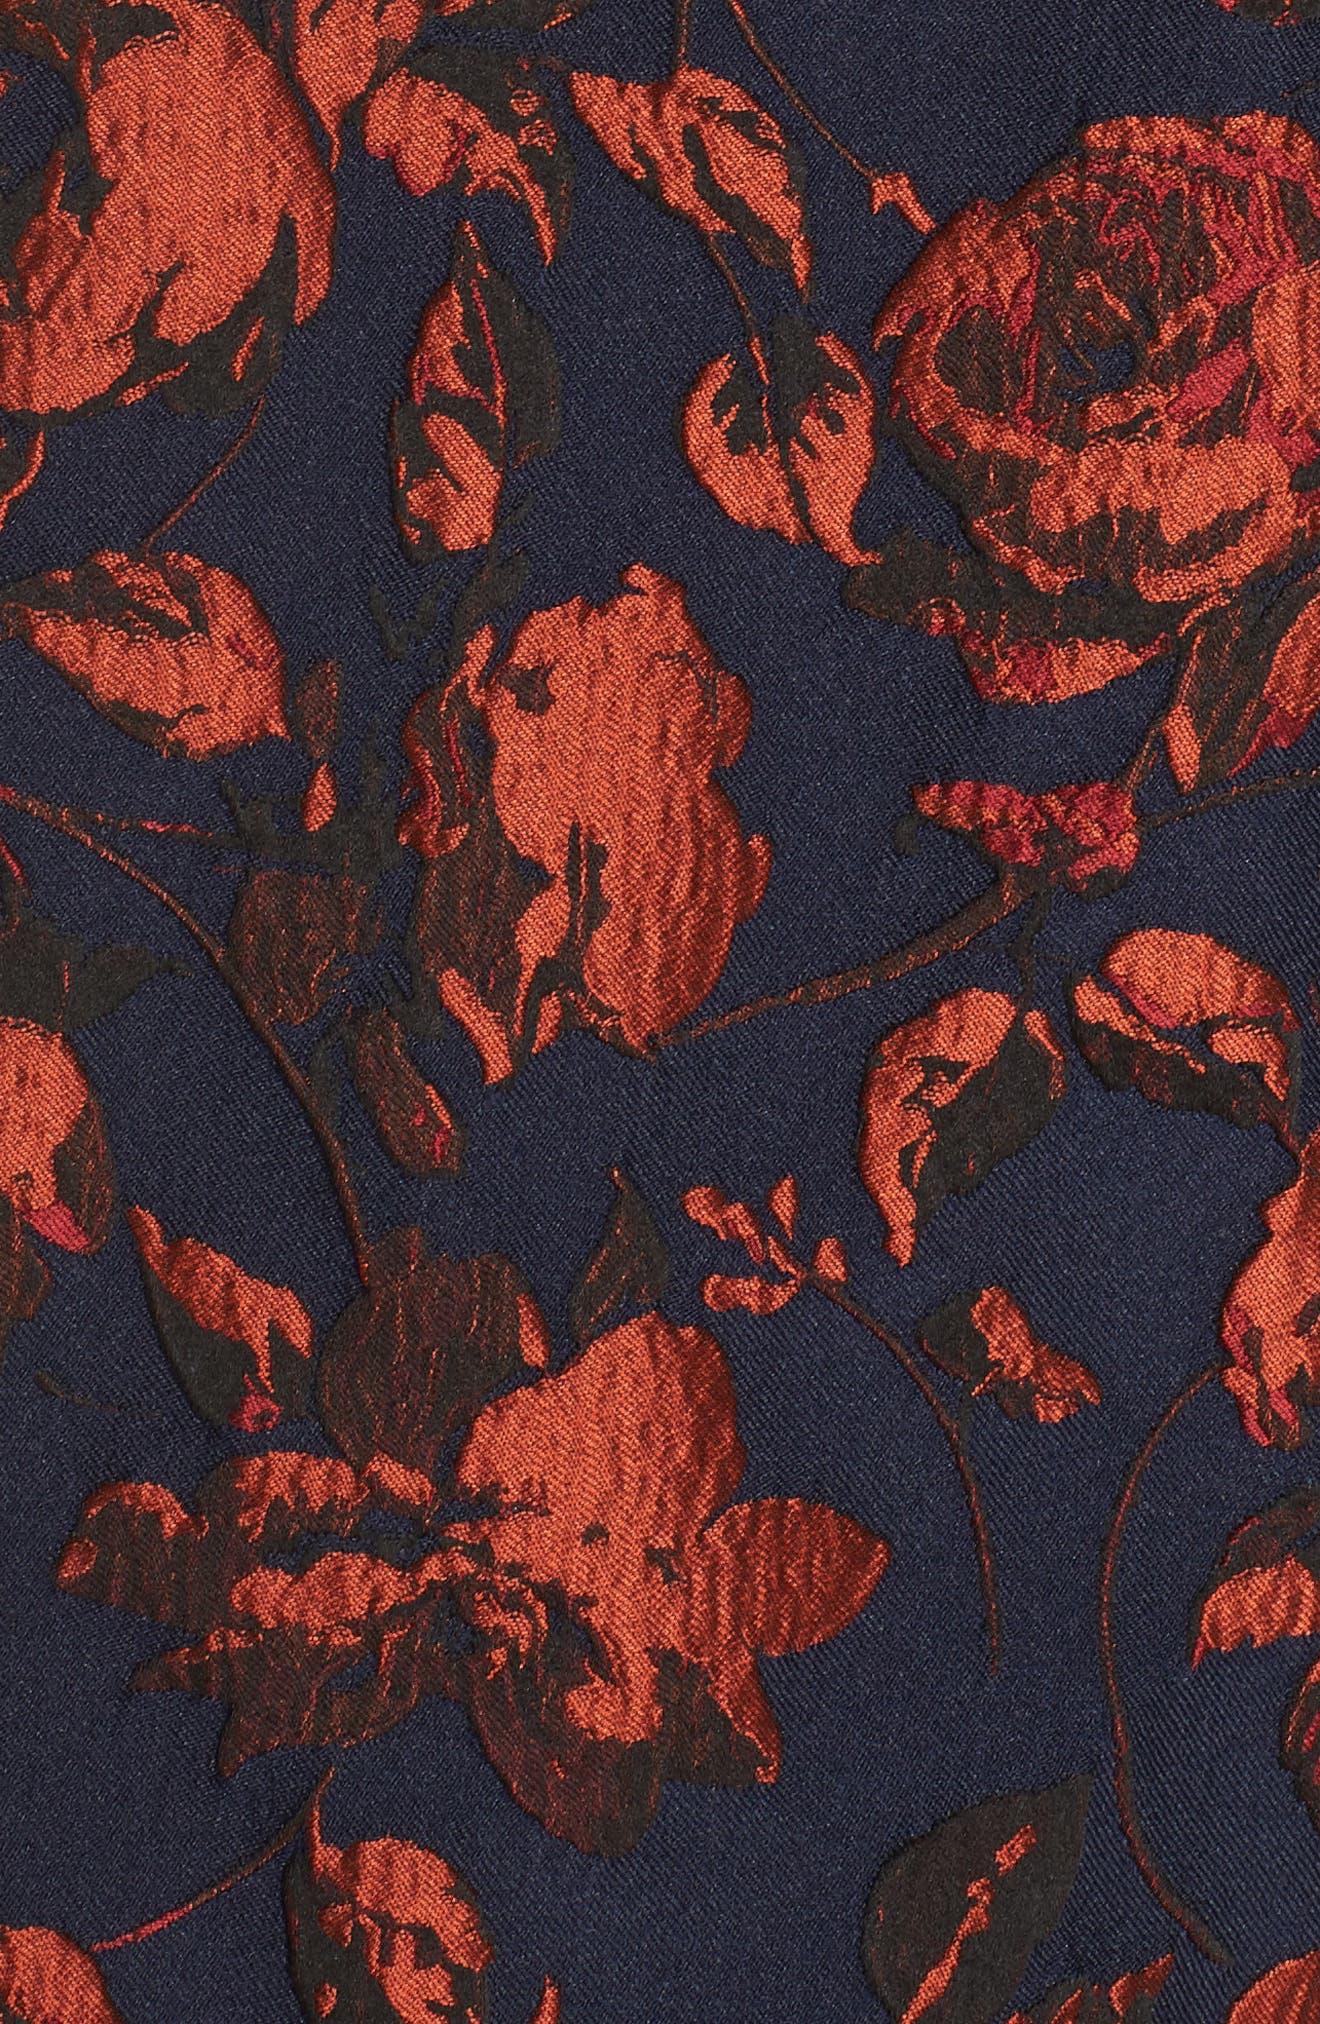 Jacquard Fit & Flare Dress,                             Alternate thumbnail 6, color,                             NAVY MULTI